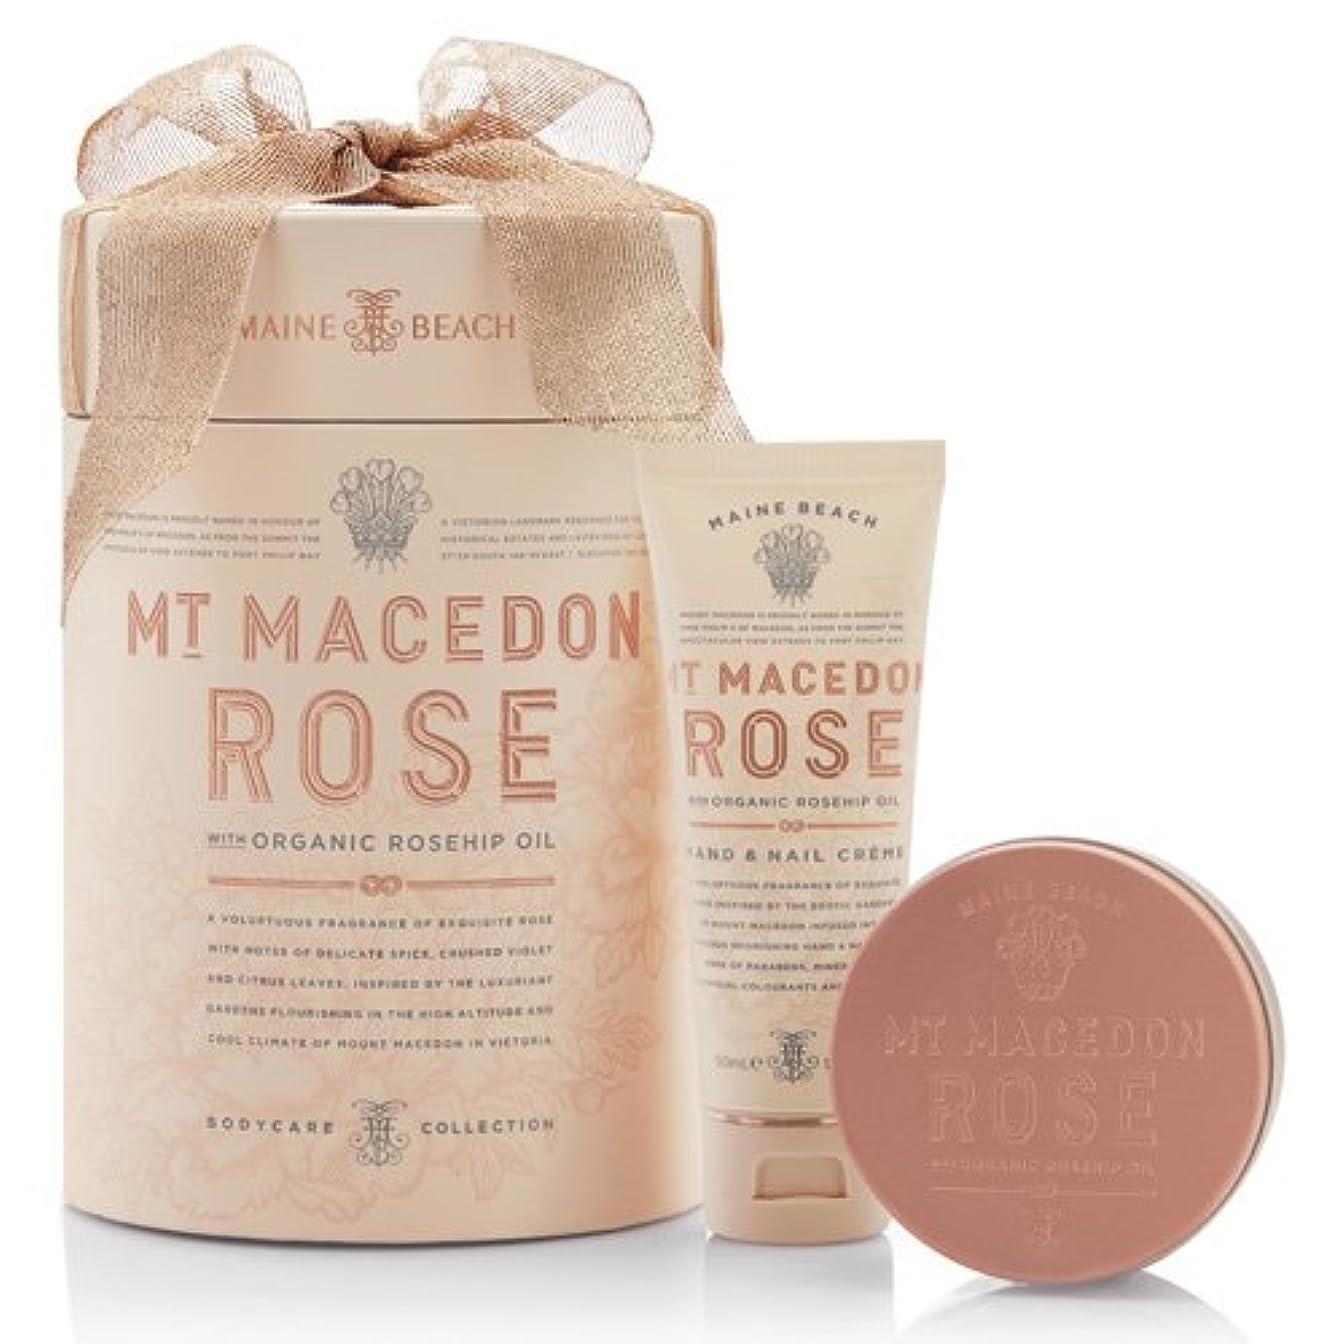 境界曇った見出しMAINE BEACH マインビーチ MT MACEDON ROSE マウント マセドン ローズ Duo Gift Pack